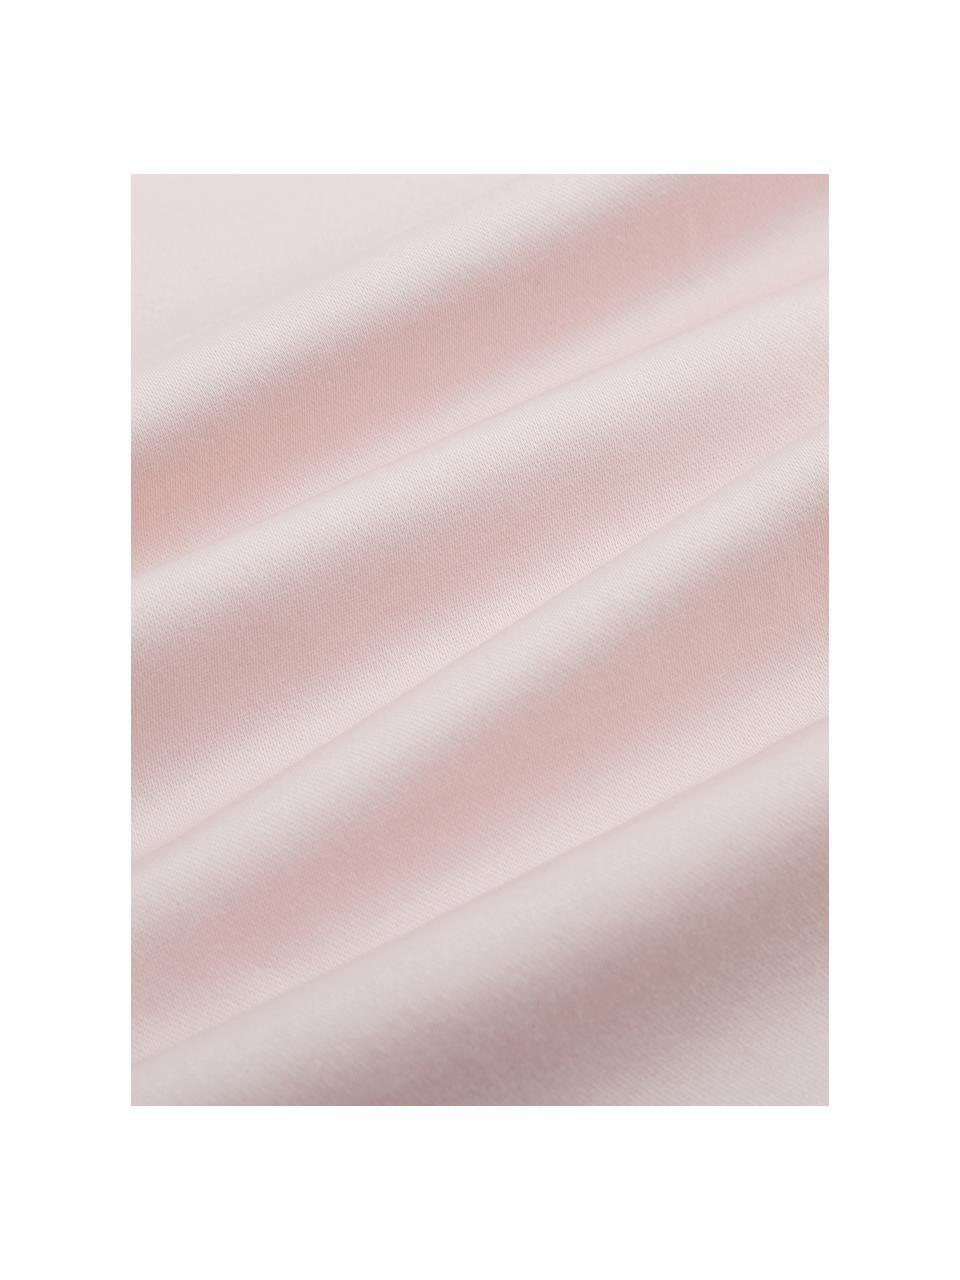 Prześcieradło z gumką  z organicznej satyny bawełnianej Premium, Blady różowy, S 180 x D 200 cm